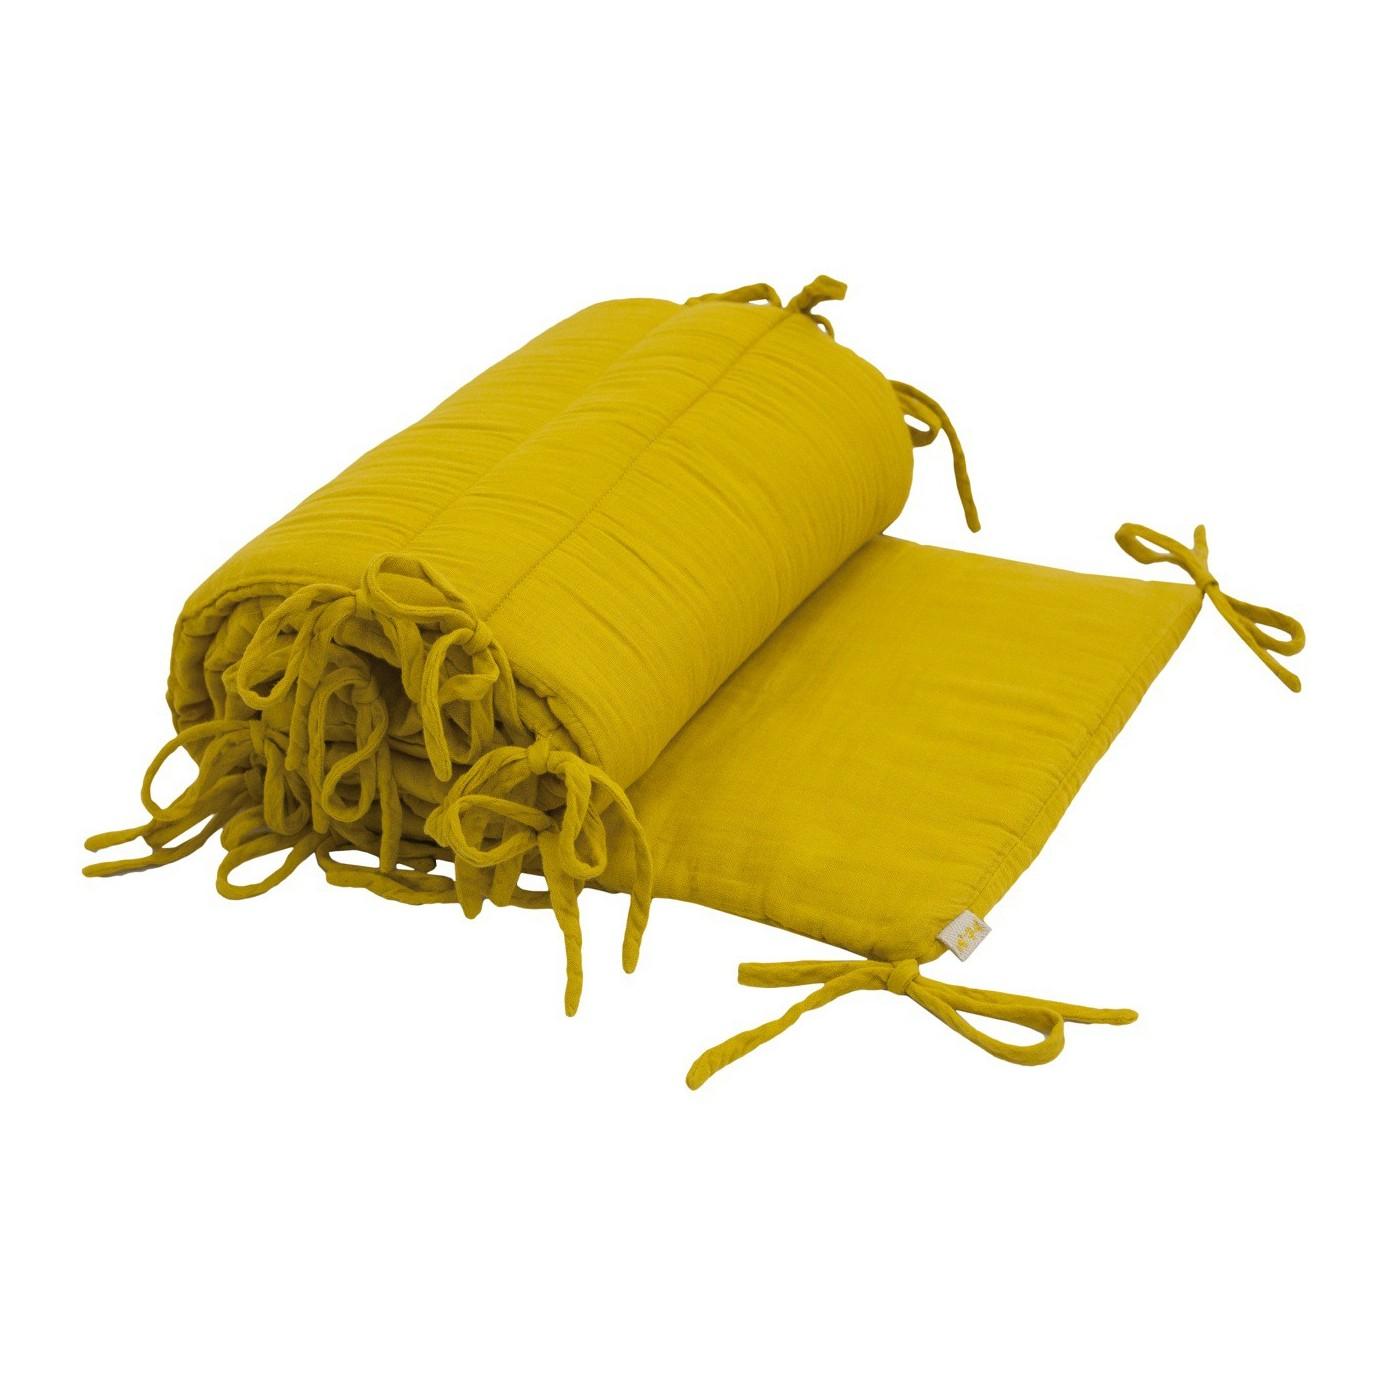 tour de lit jaune et gris awesome tour de lit jaune et gris with tour de lit jaune et gris. Black Bedroom Furniture Sets. Home Design Ideas